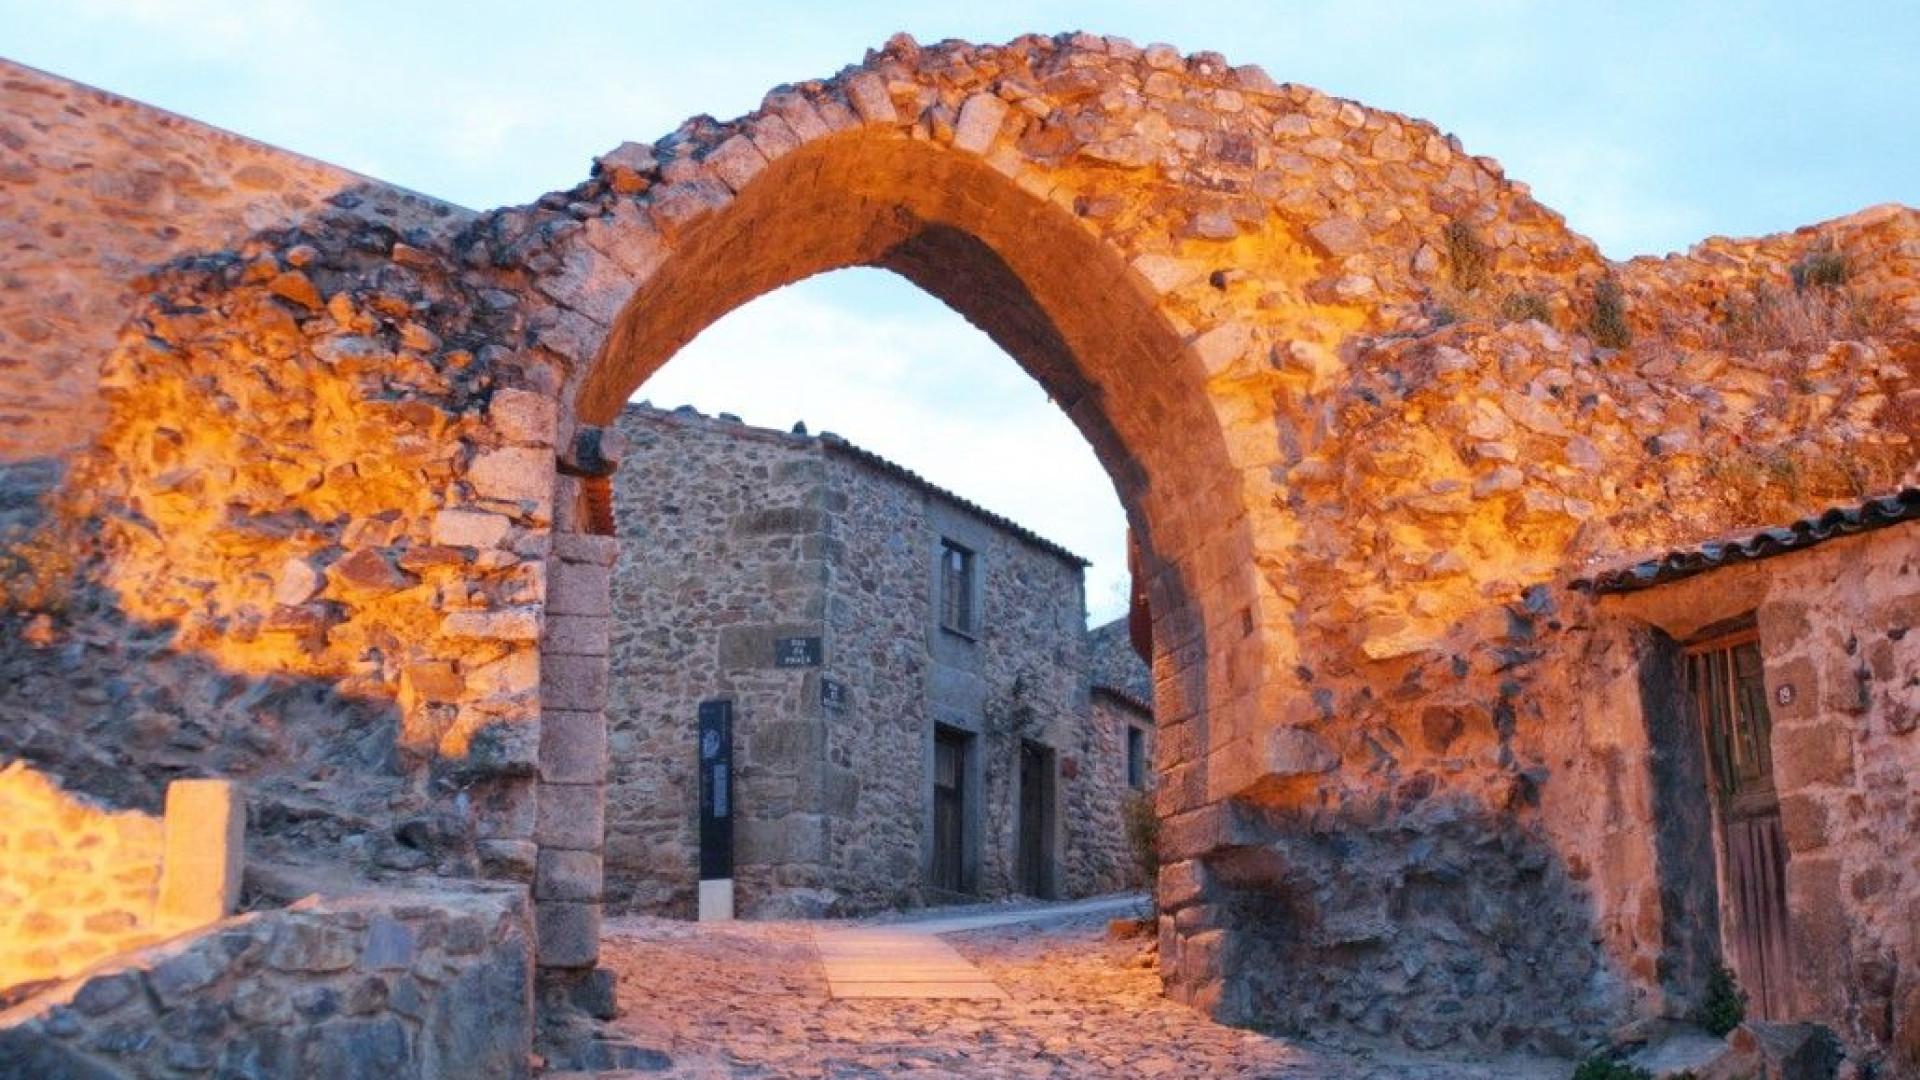 Visitas guiadas encenadas regressam à aldeia histórica de Castelo Rodrigo